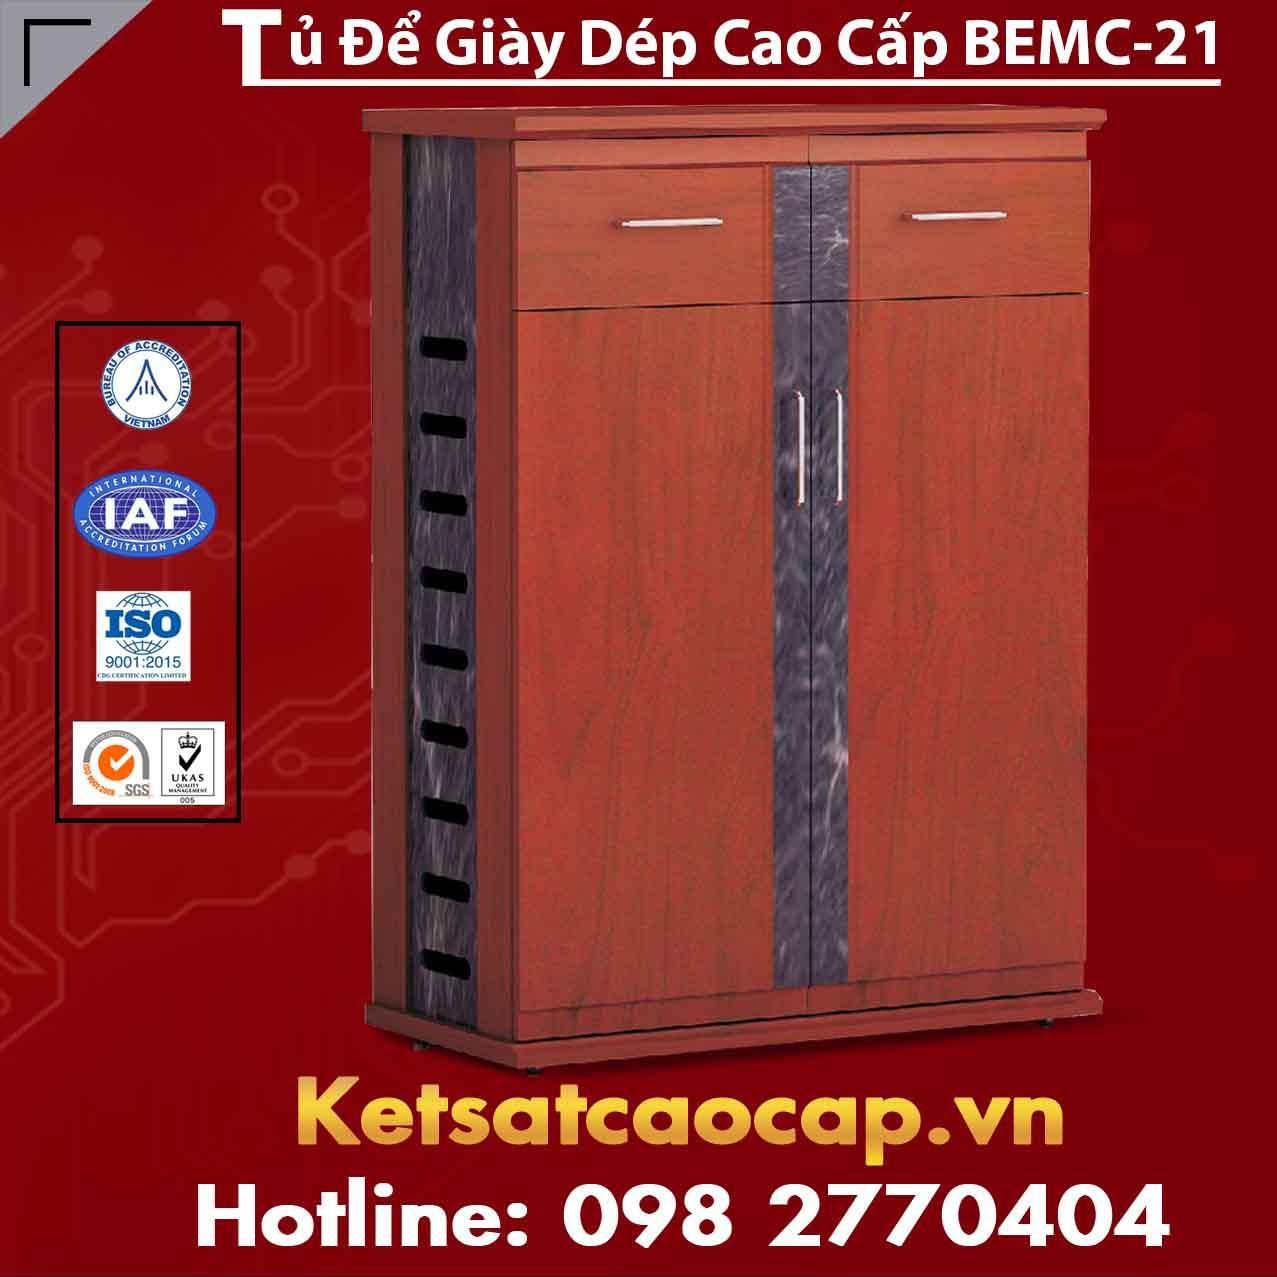 Tủ Để Giày Dép Cao Cấp BEMC-21